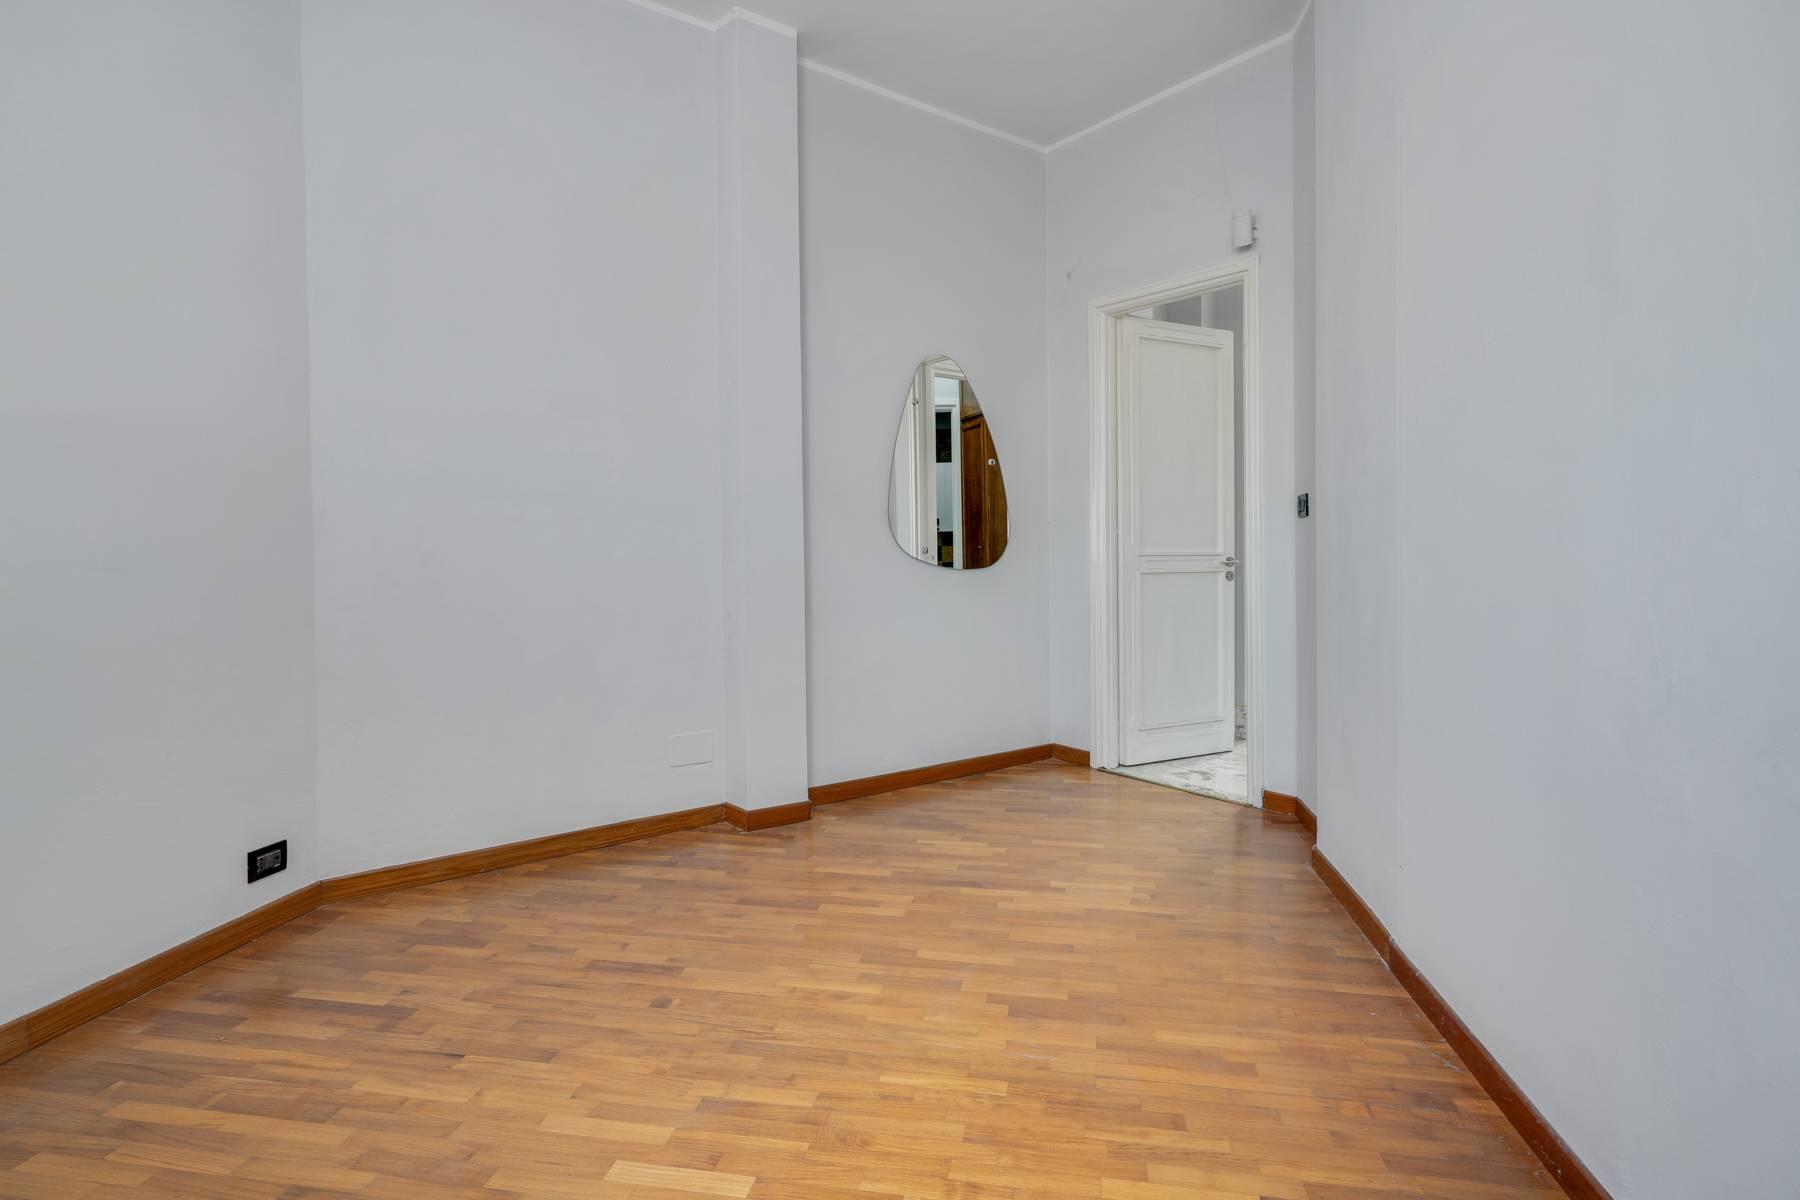 Appartamento in Vendita a Torino: 3 locali, 88 mq - Foto 9